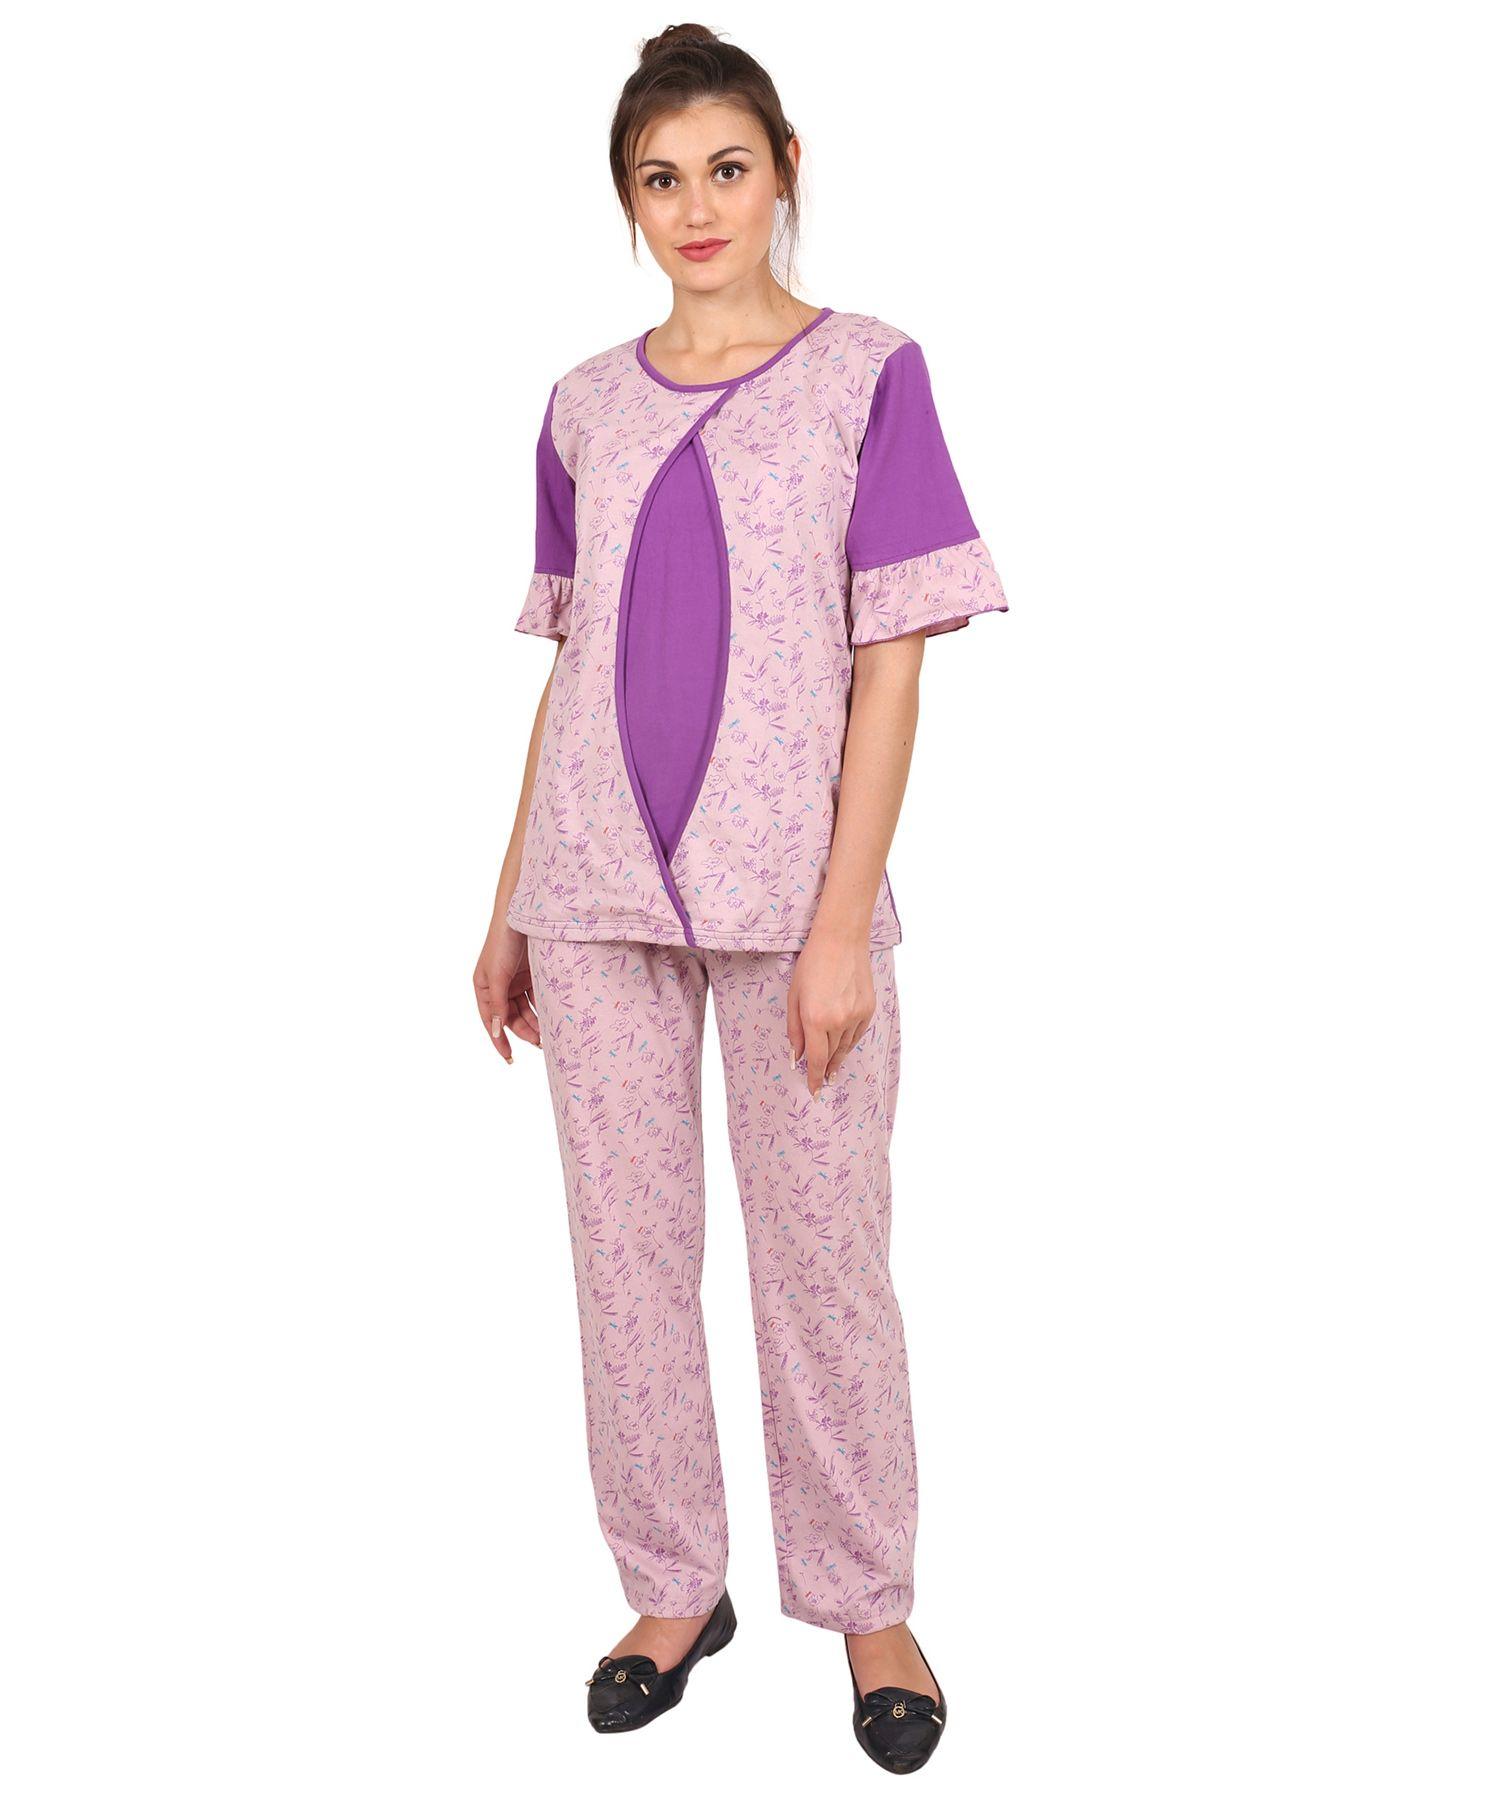 f7d26f16538a2 9teenAGAIN Floral Printed Nursing Night Suit Purple Online in India ...